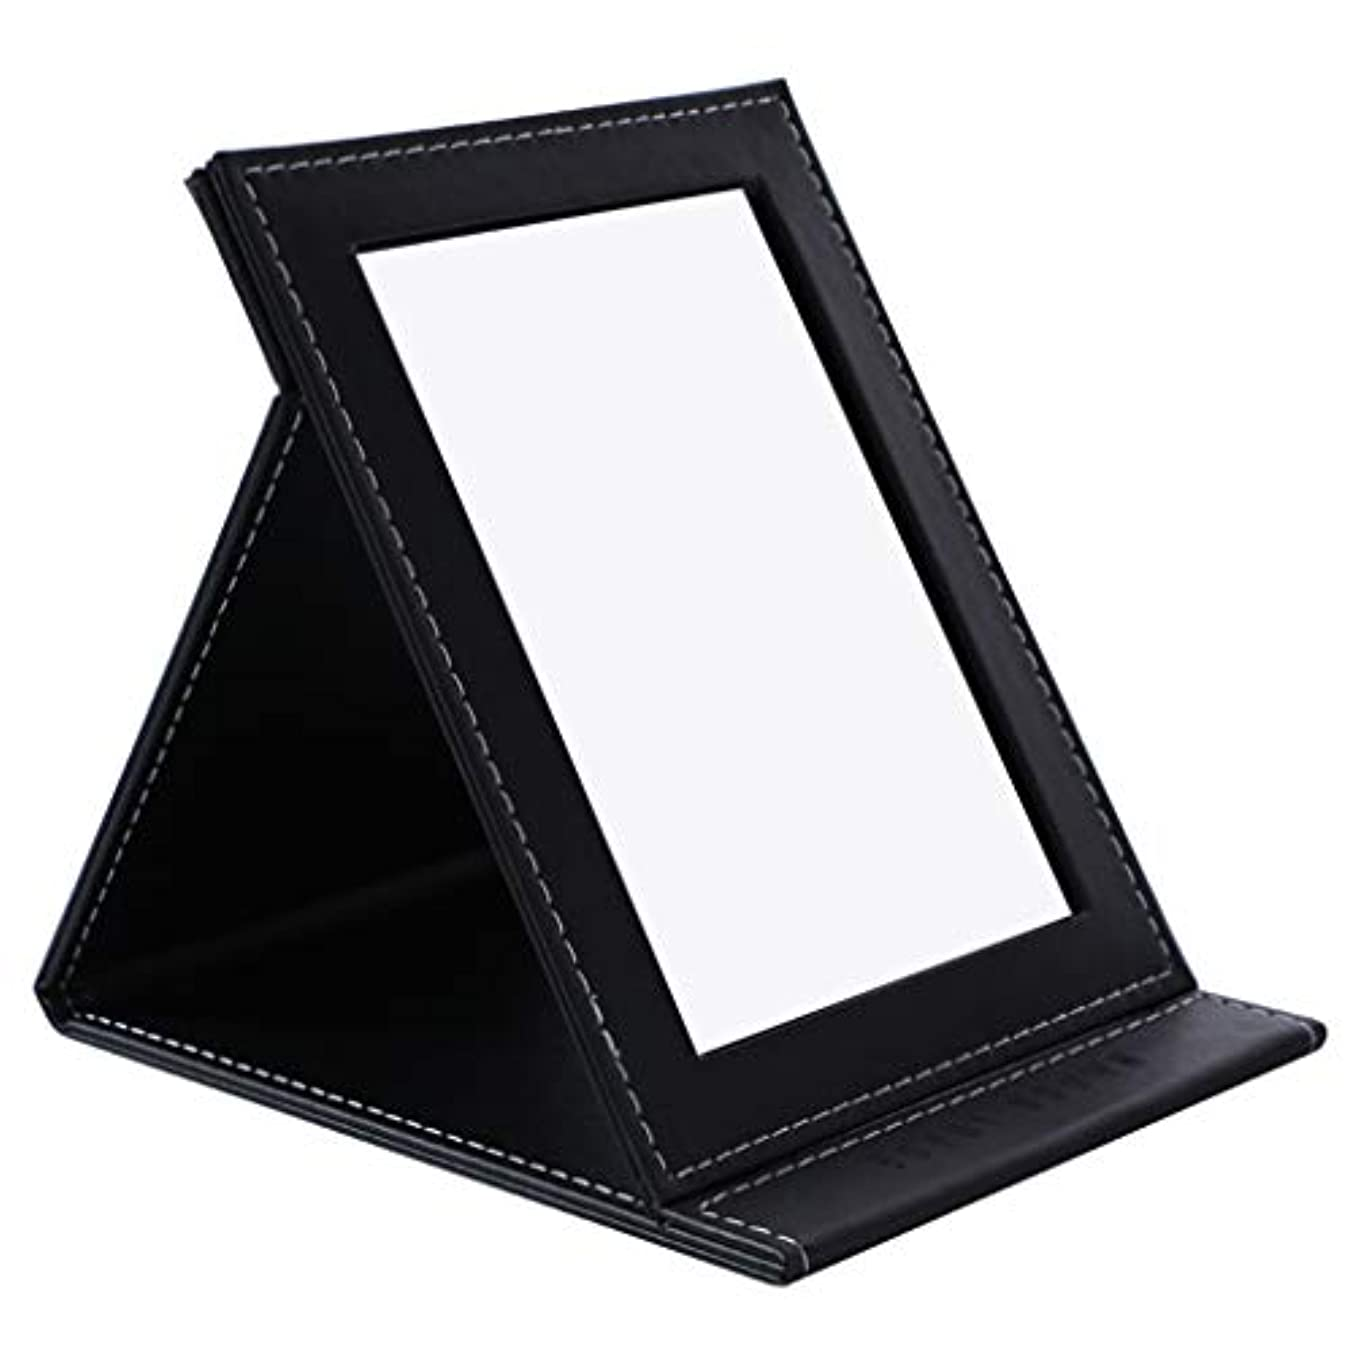 アサー粒不安デスクトップの虚栄心ミラーHD折りたたみミラー卓上化粧鏡ポータブル用女の子学生女性,黒